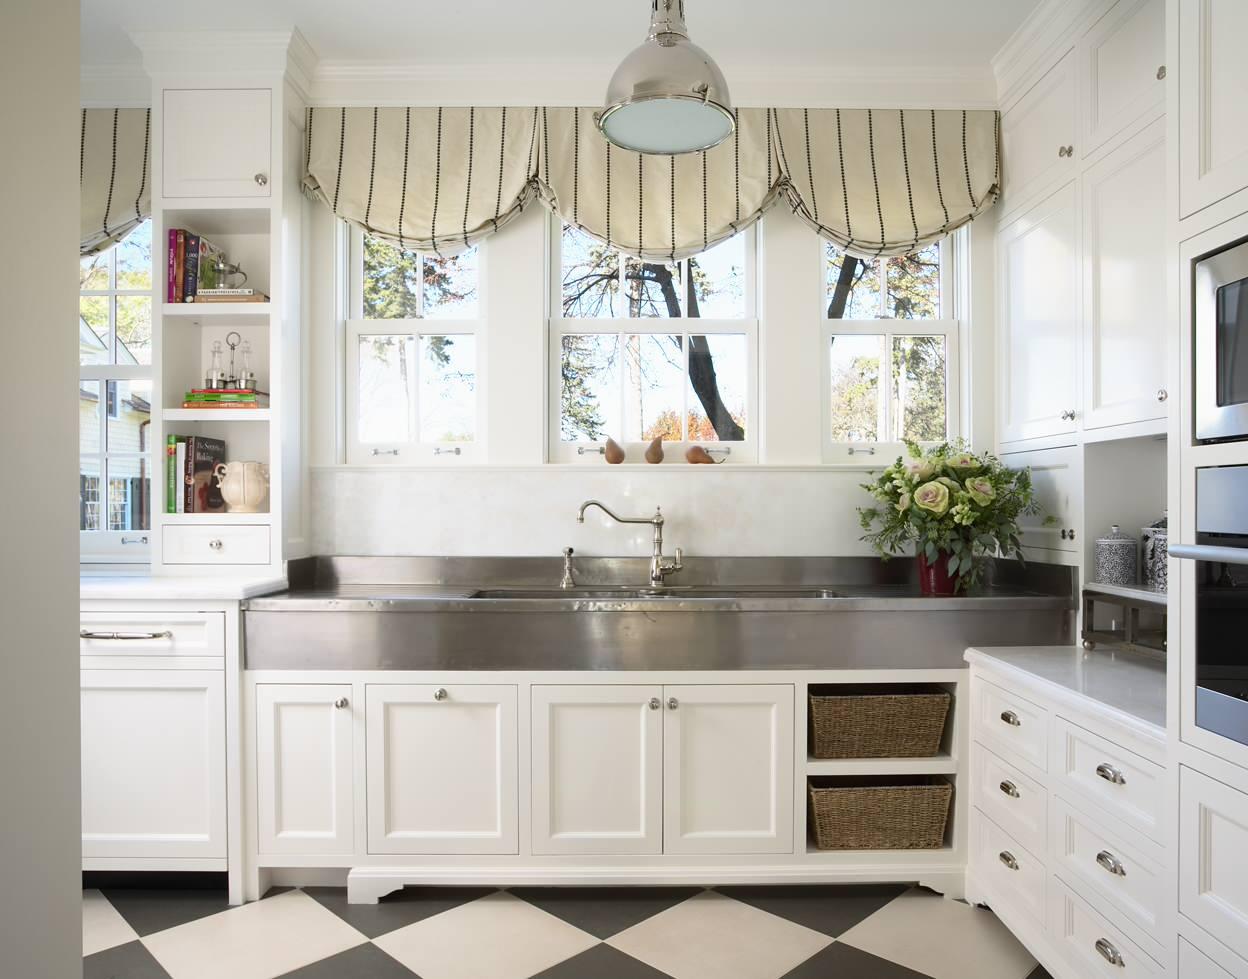 Кухня в белом цвете смотрится очень просторной